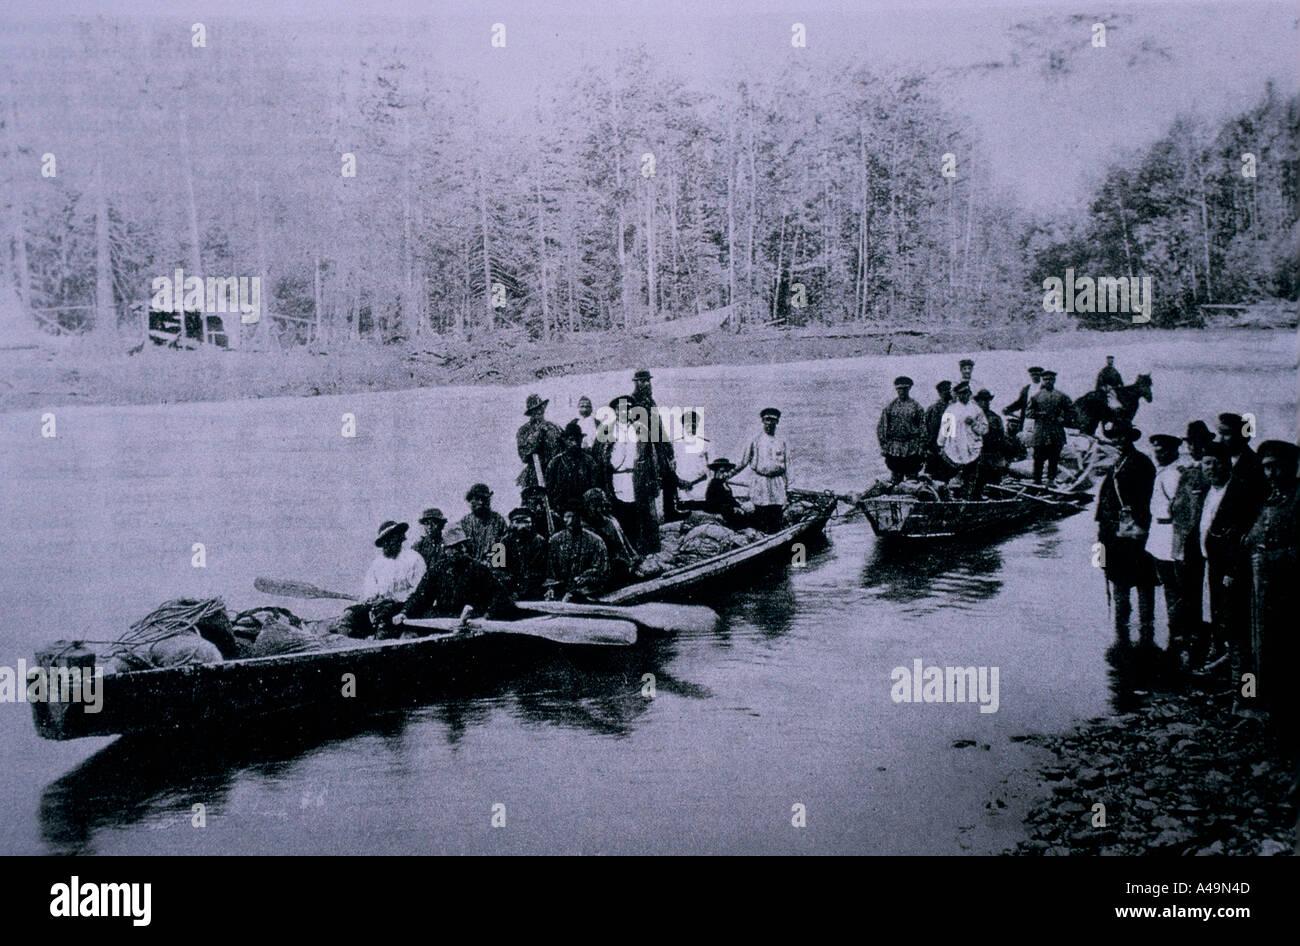 Fiume amur russia archivio fotografico cercatori d oro oro invio giù il  fiume nel 1870 1996 865b714d9179